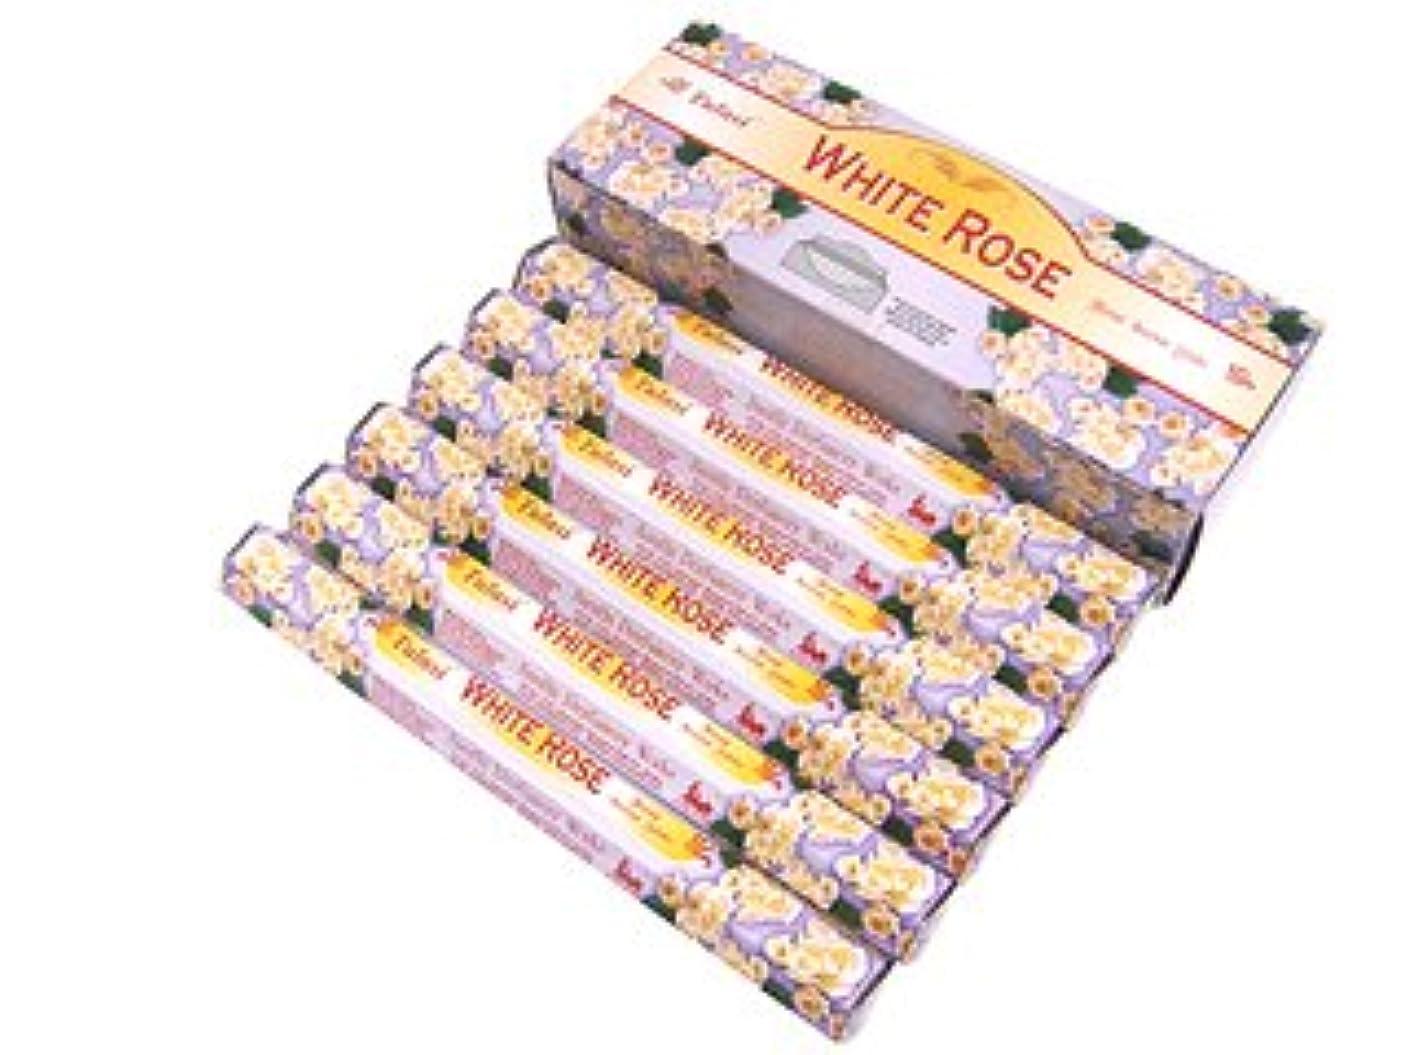 征服する興味銛TULASI(トゥラシ) ホワイトローズ香 スティック WHITE ROSE 6箱セット